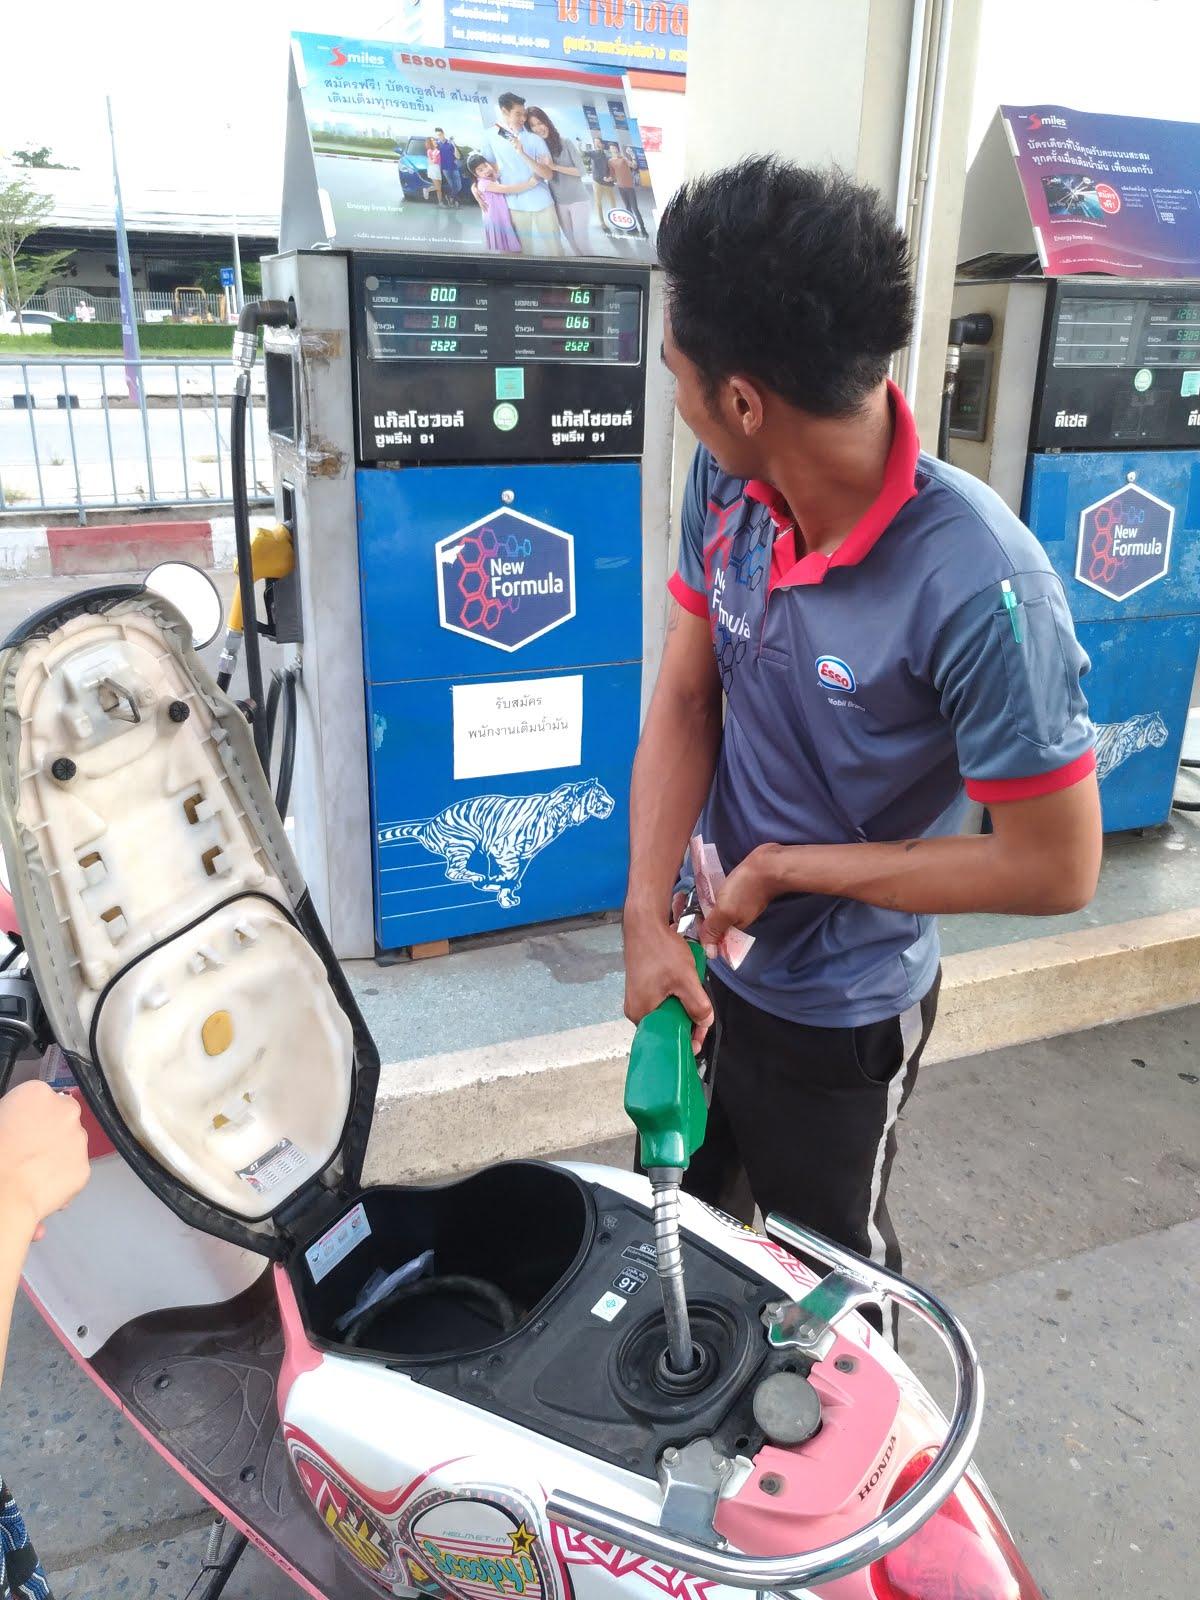 阿堡的世界: 泰國摩托自由行遊大城 (阿瑜陀耶):租車介紹